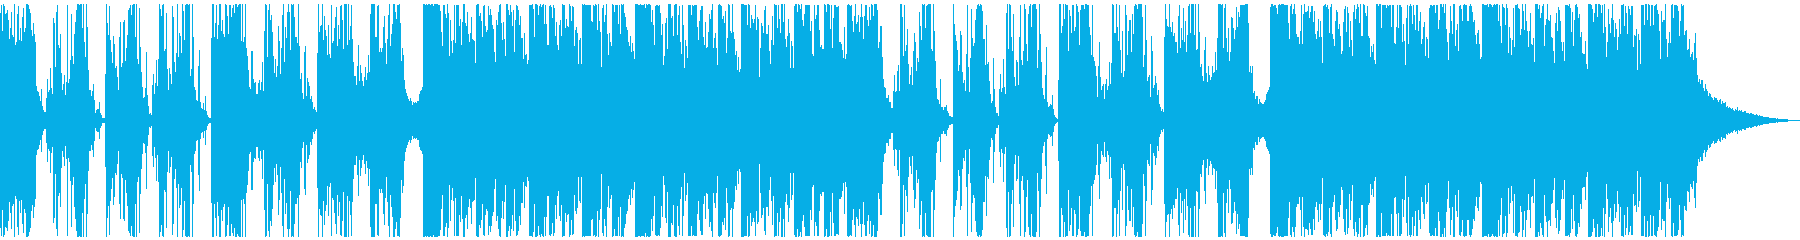 ワールド 民族 神経質 ワイルド ...の再生済みの波形